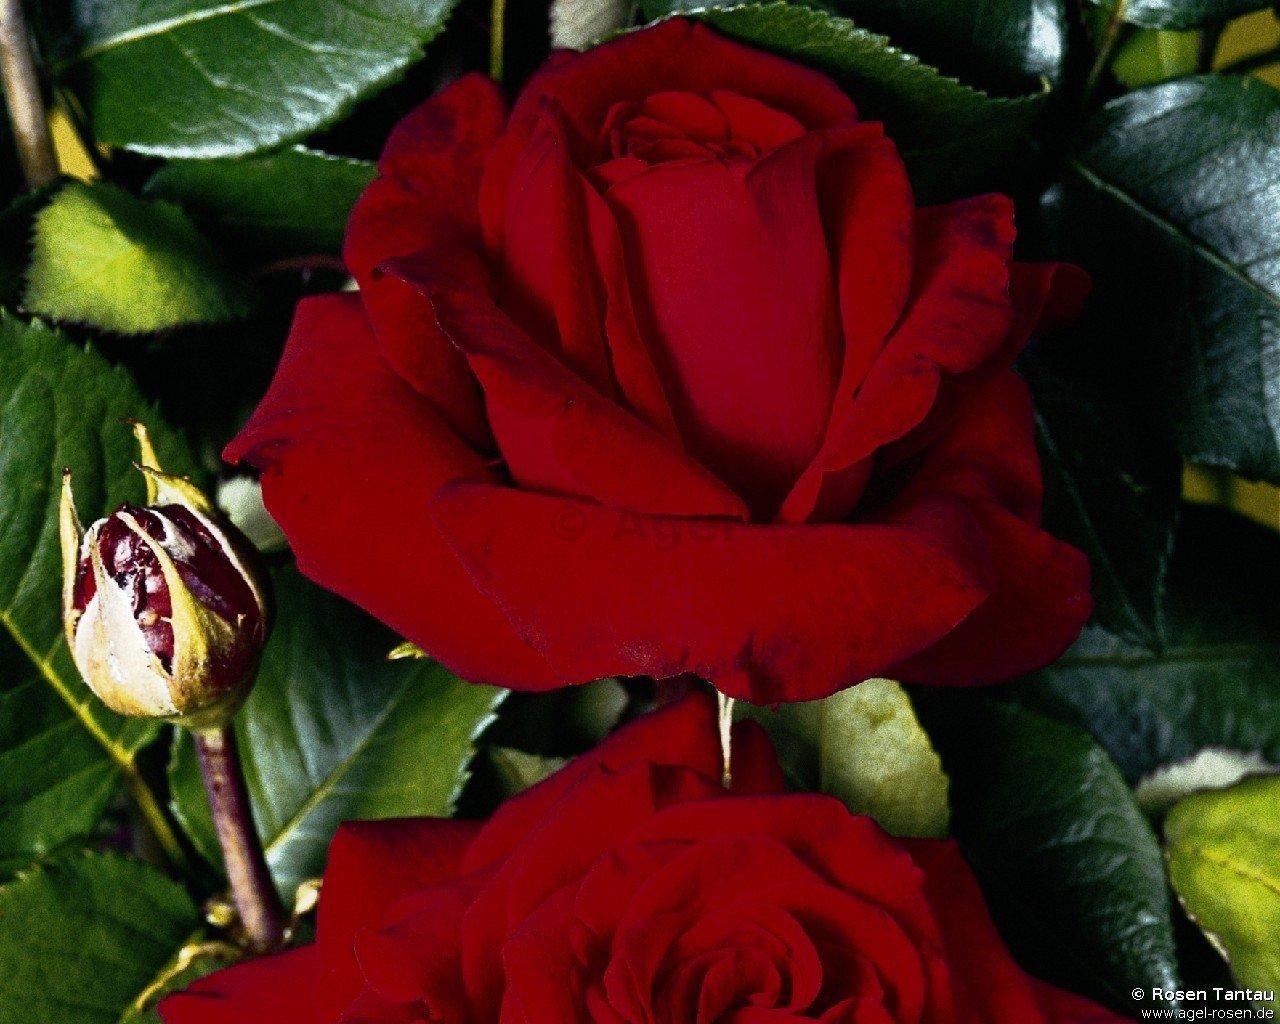 helmut kohl rose edelrose kaufen bei agel rosen. Black Bedroom Furniture Sets. Home Design Ideas